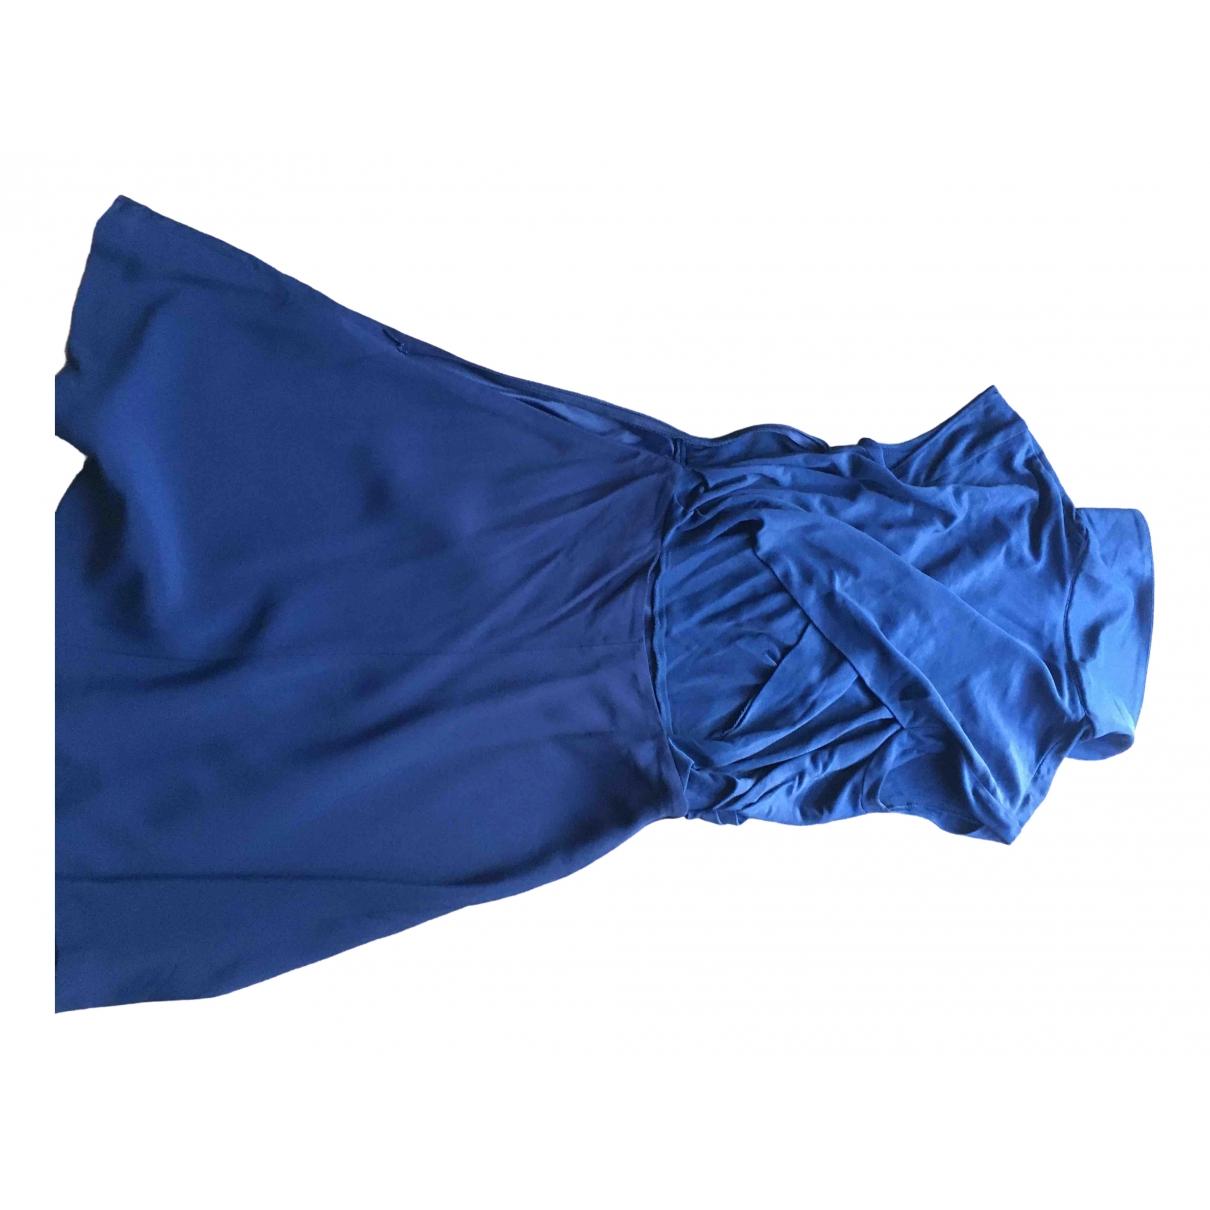 Sandro \N Kleid in  Blau Viskose